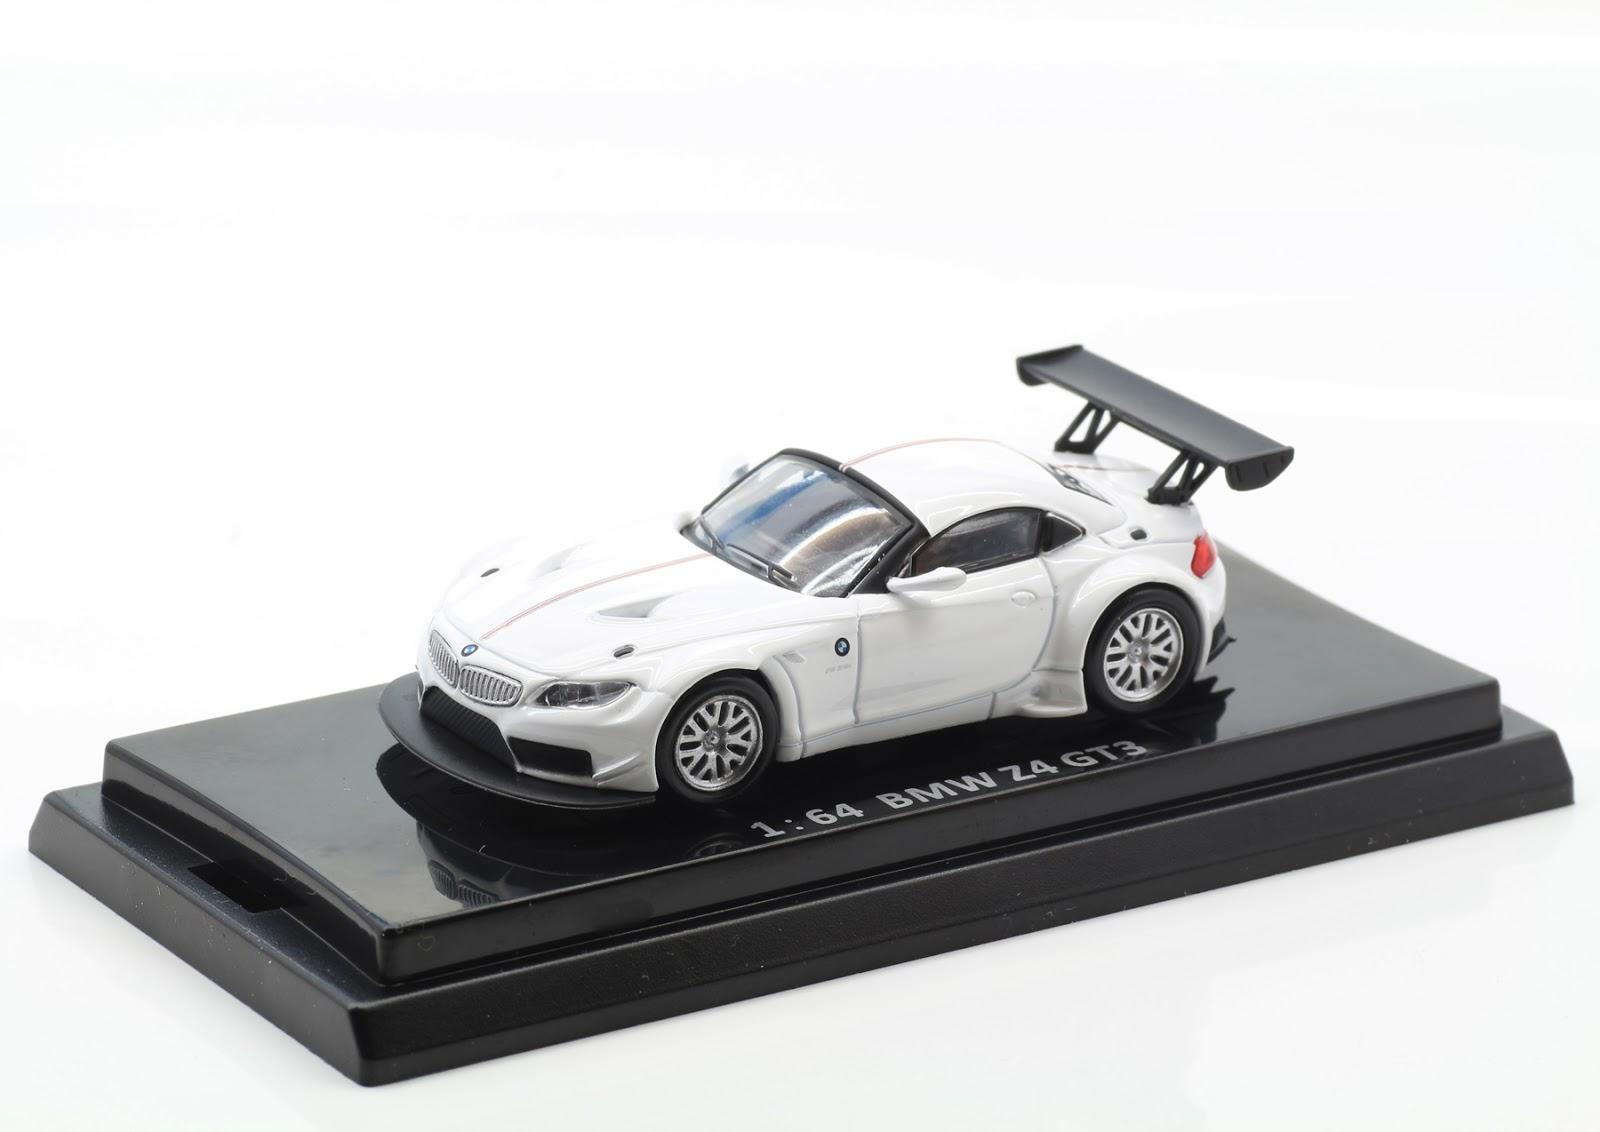 Incredible Mini Garage: BMW Z4 GT3 2010 Kyosho 1/64